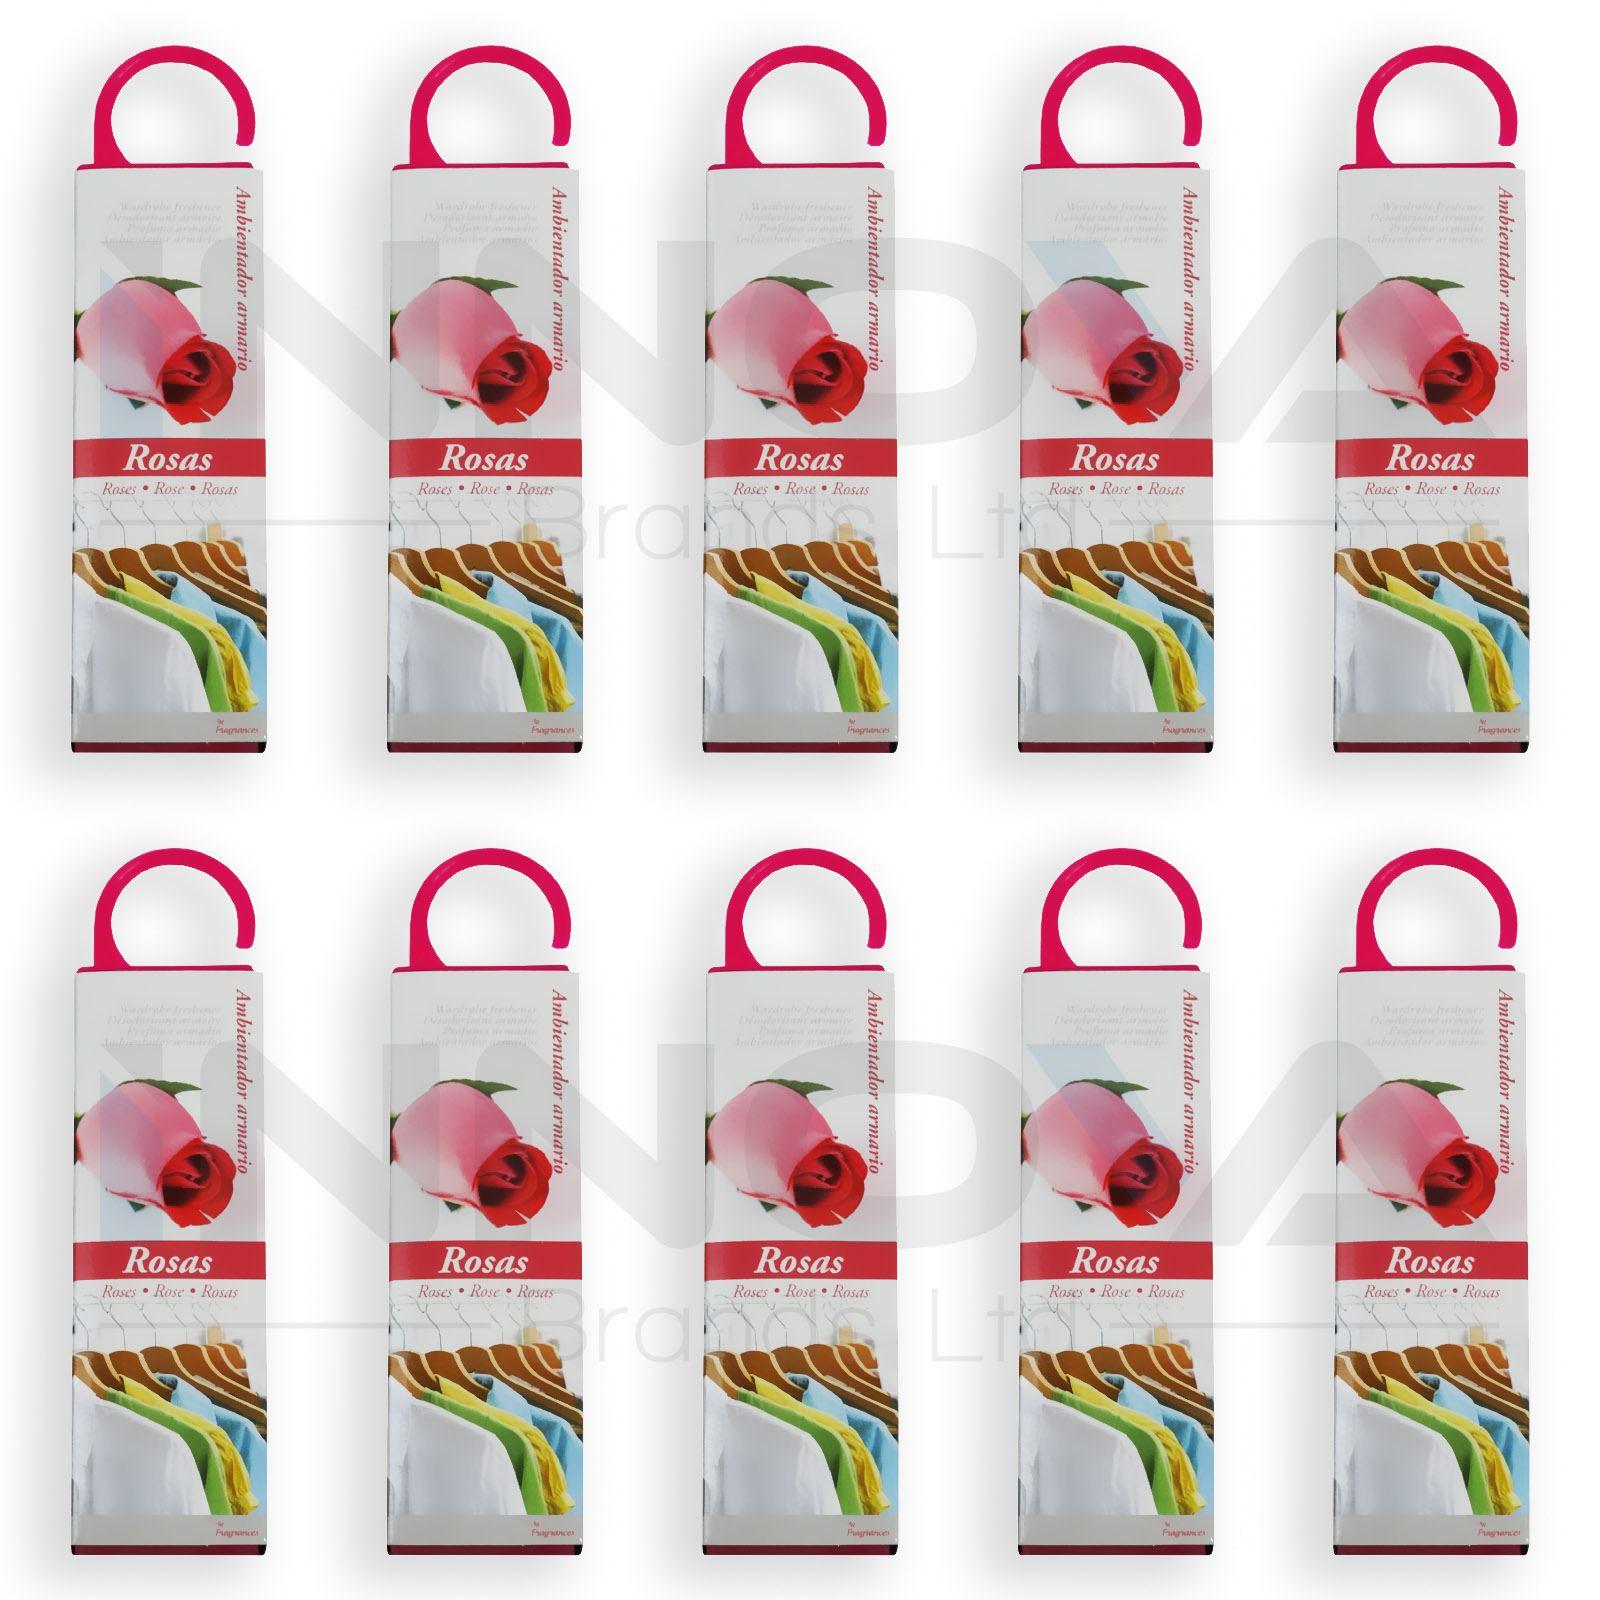 New-Scented-Sachets-Drawer-Fragrance-Bags-Wardrobe-Freshener-Rose-Jasmine-Flower thumbnail 15